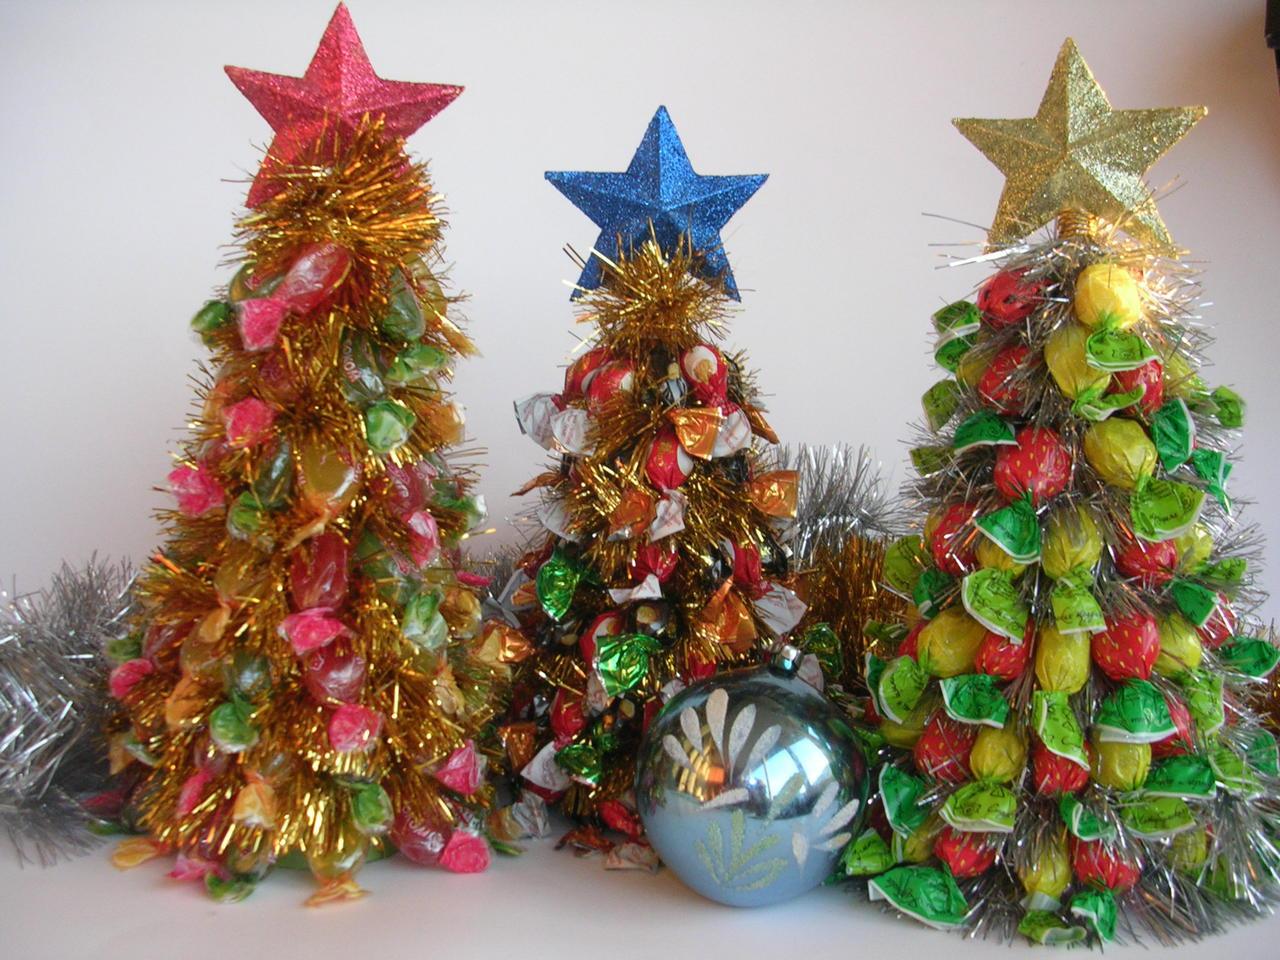 Поделки из конфет: идеи украшения елки и обзор новогоднего оформления (115 фото)